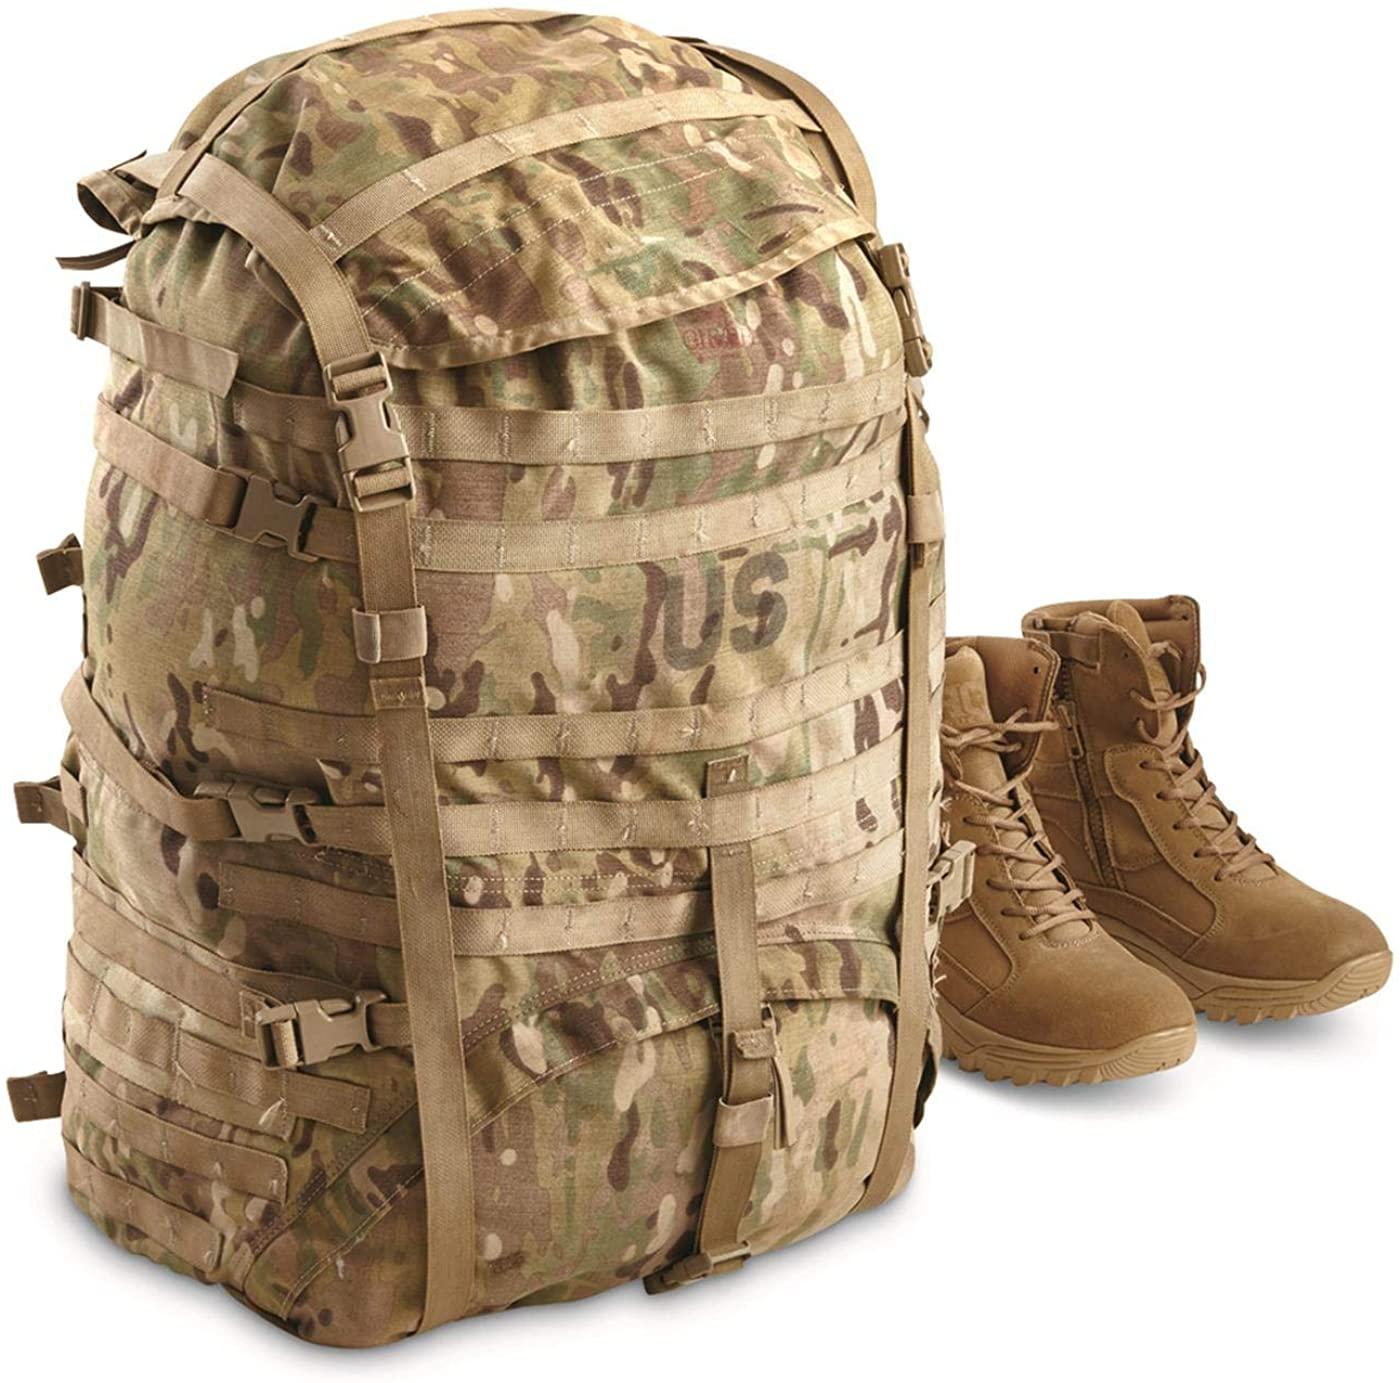 Surplus U.S. Military Large Rucksack, Used